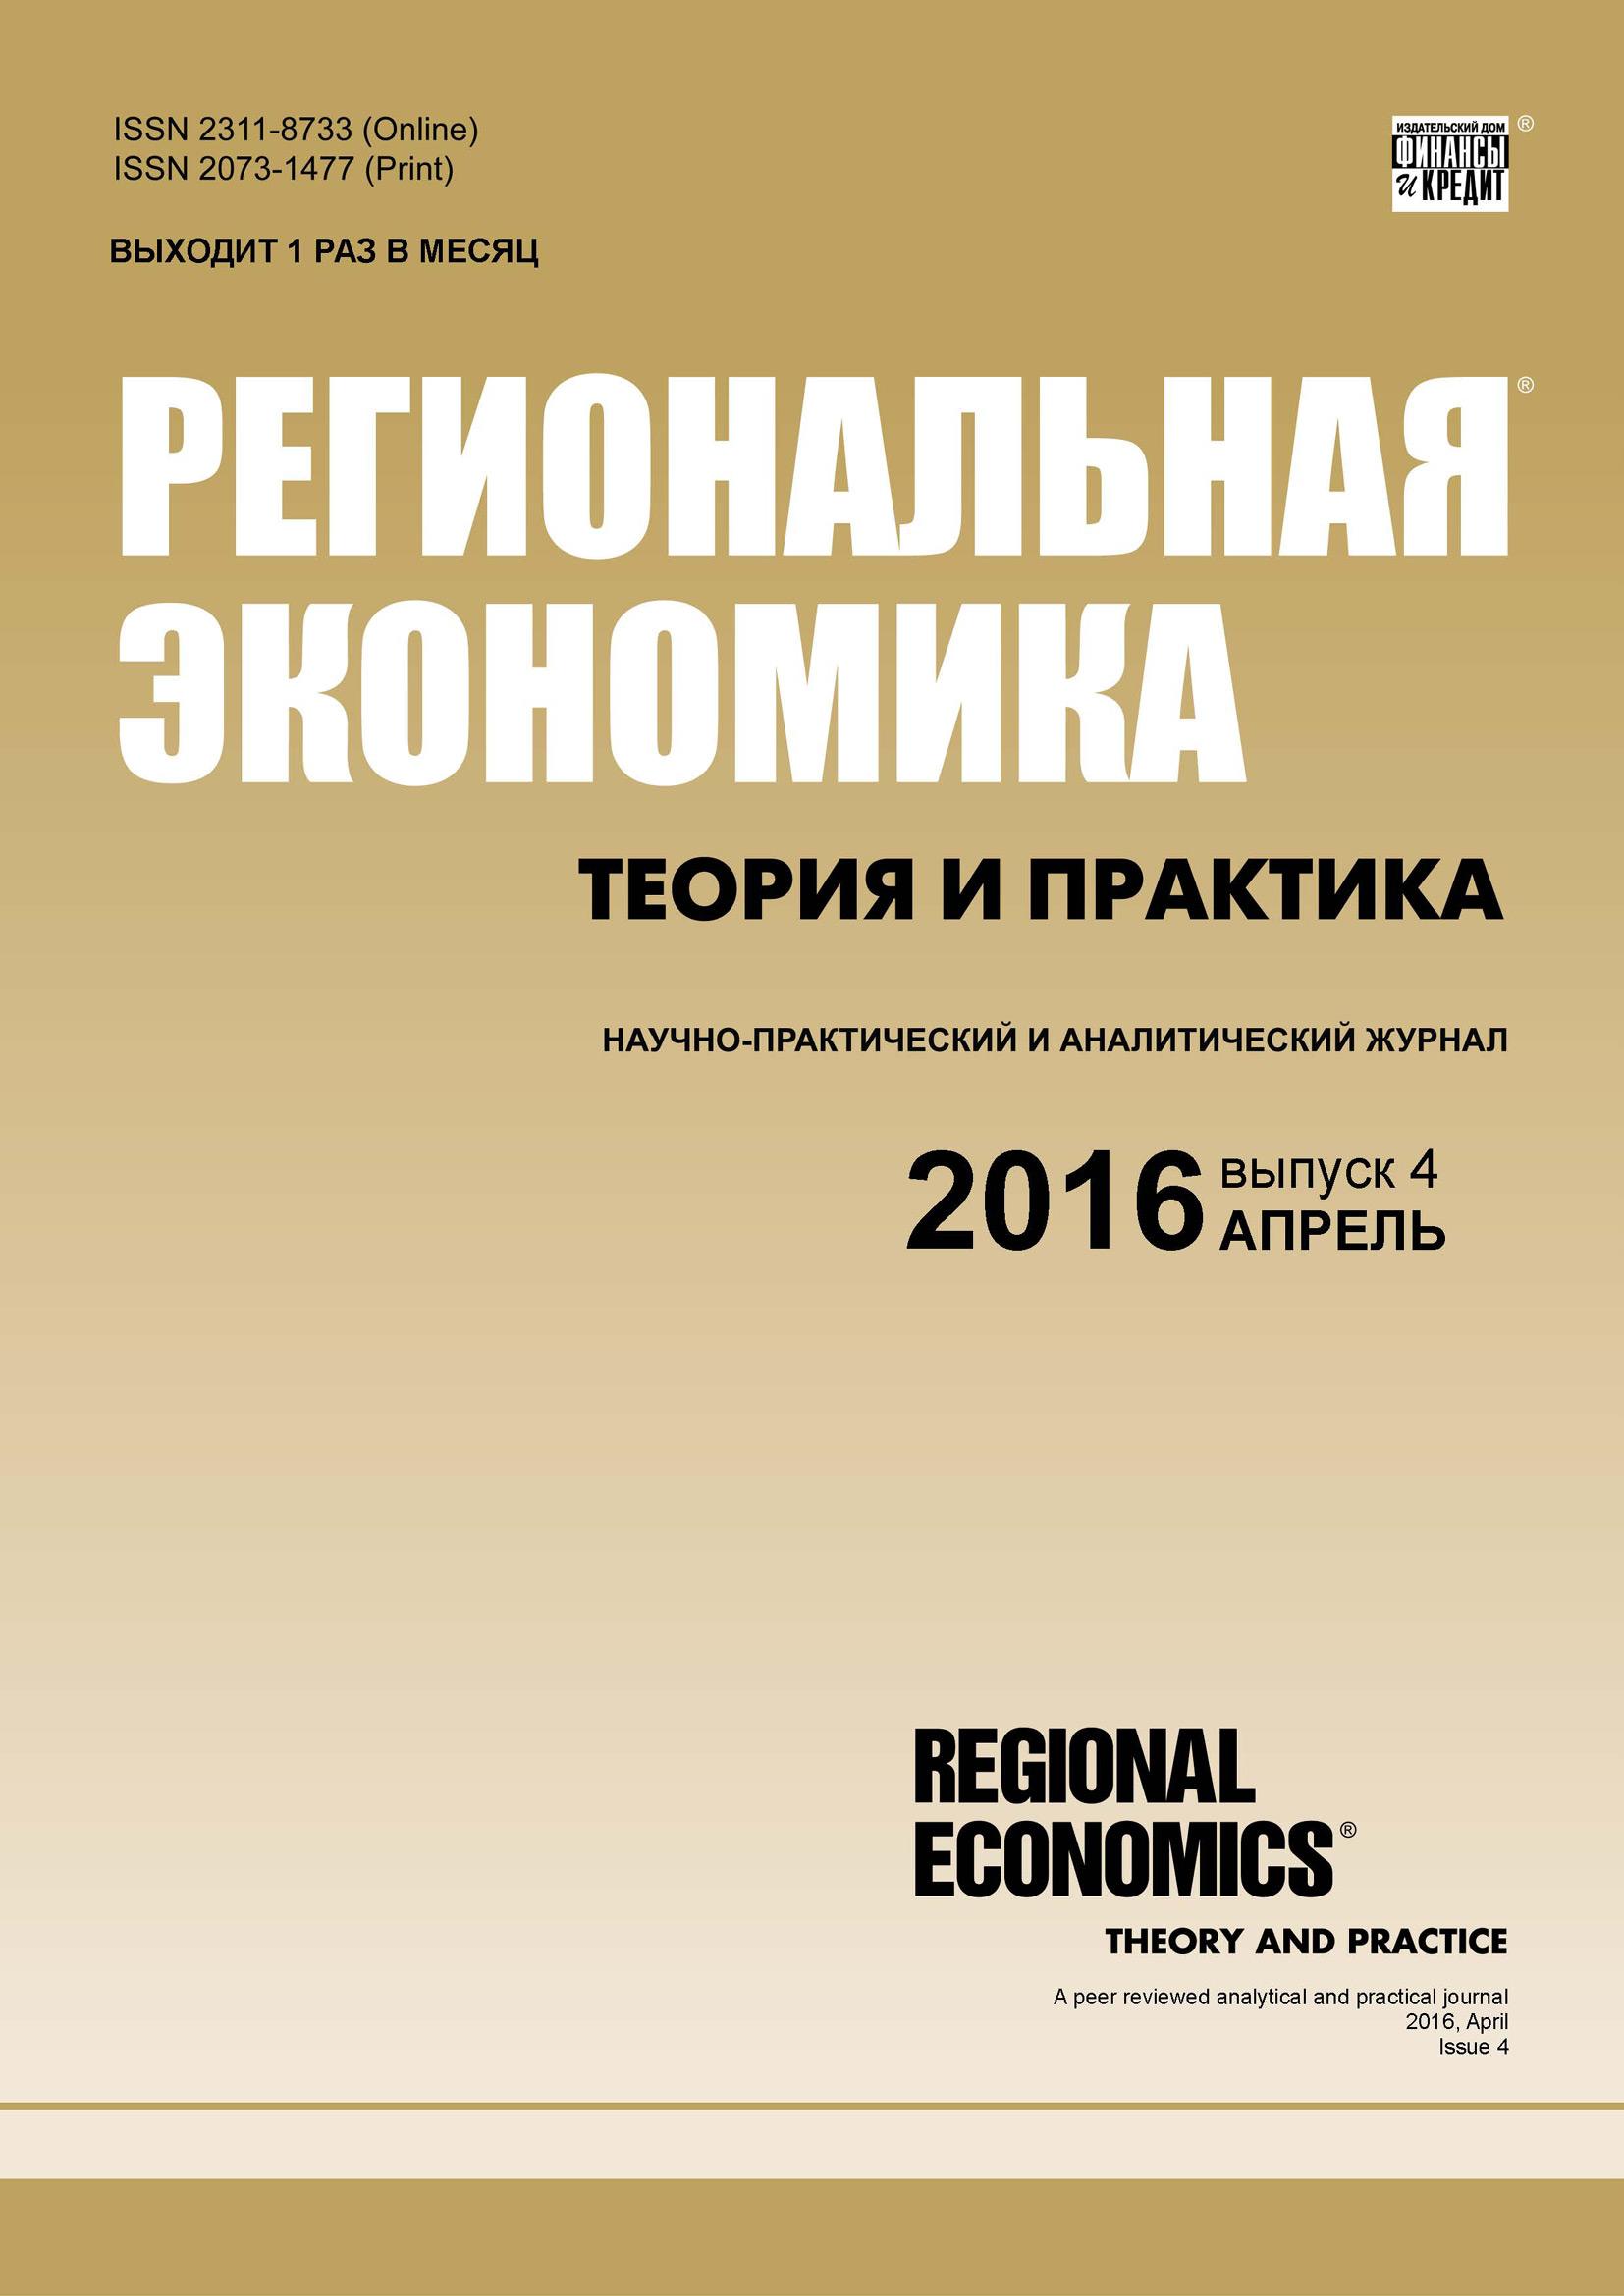 Отсутствует Региональная экономика: теория и практика № 4 (427) 2016 отсутствует региональная экономика теория и практика 1 376 2015